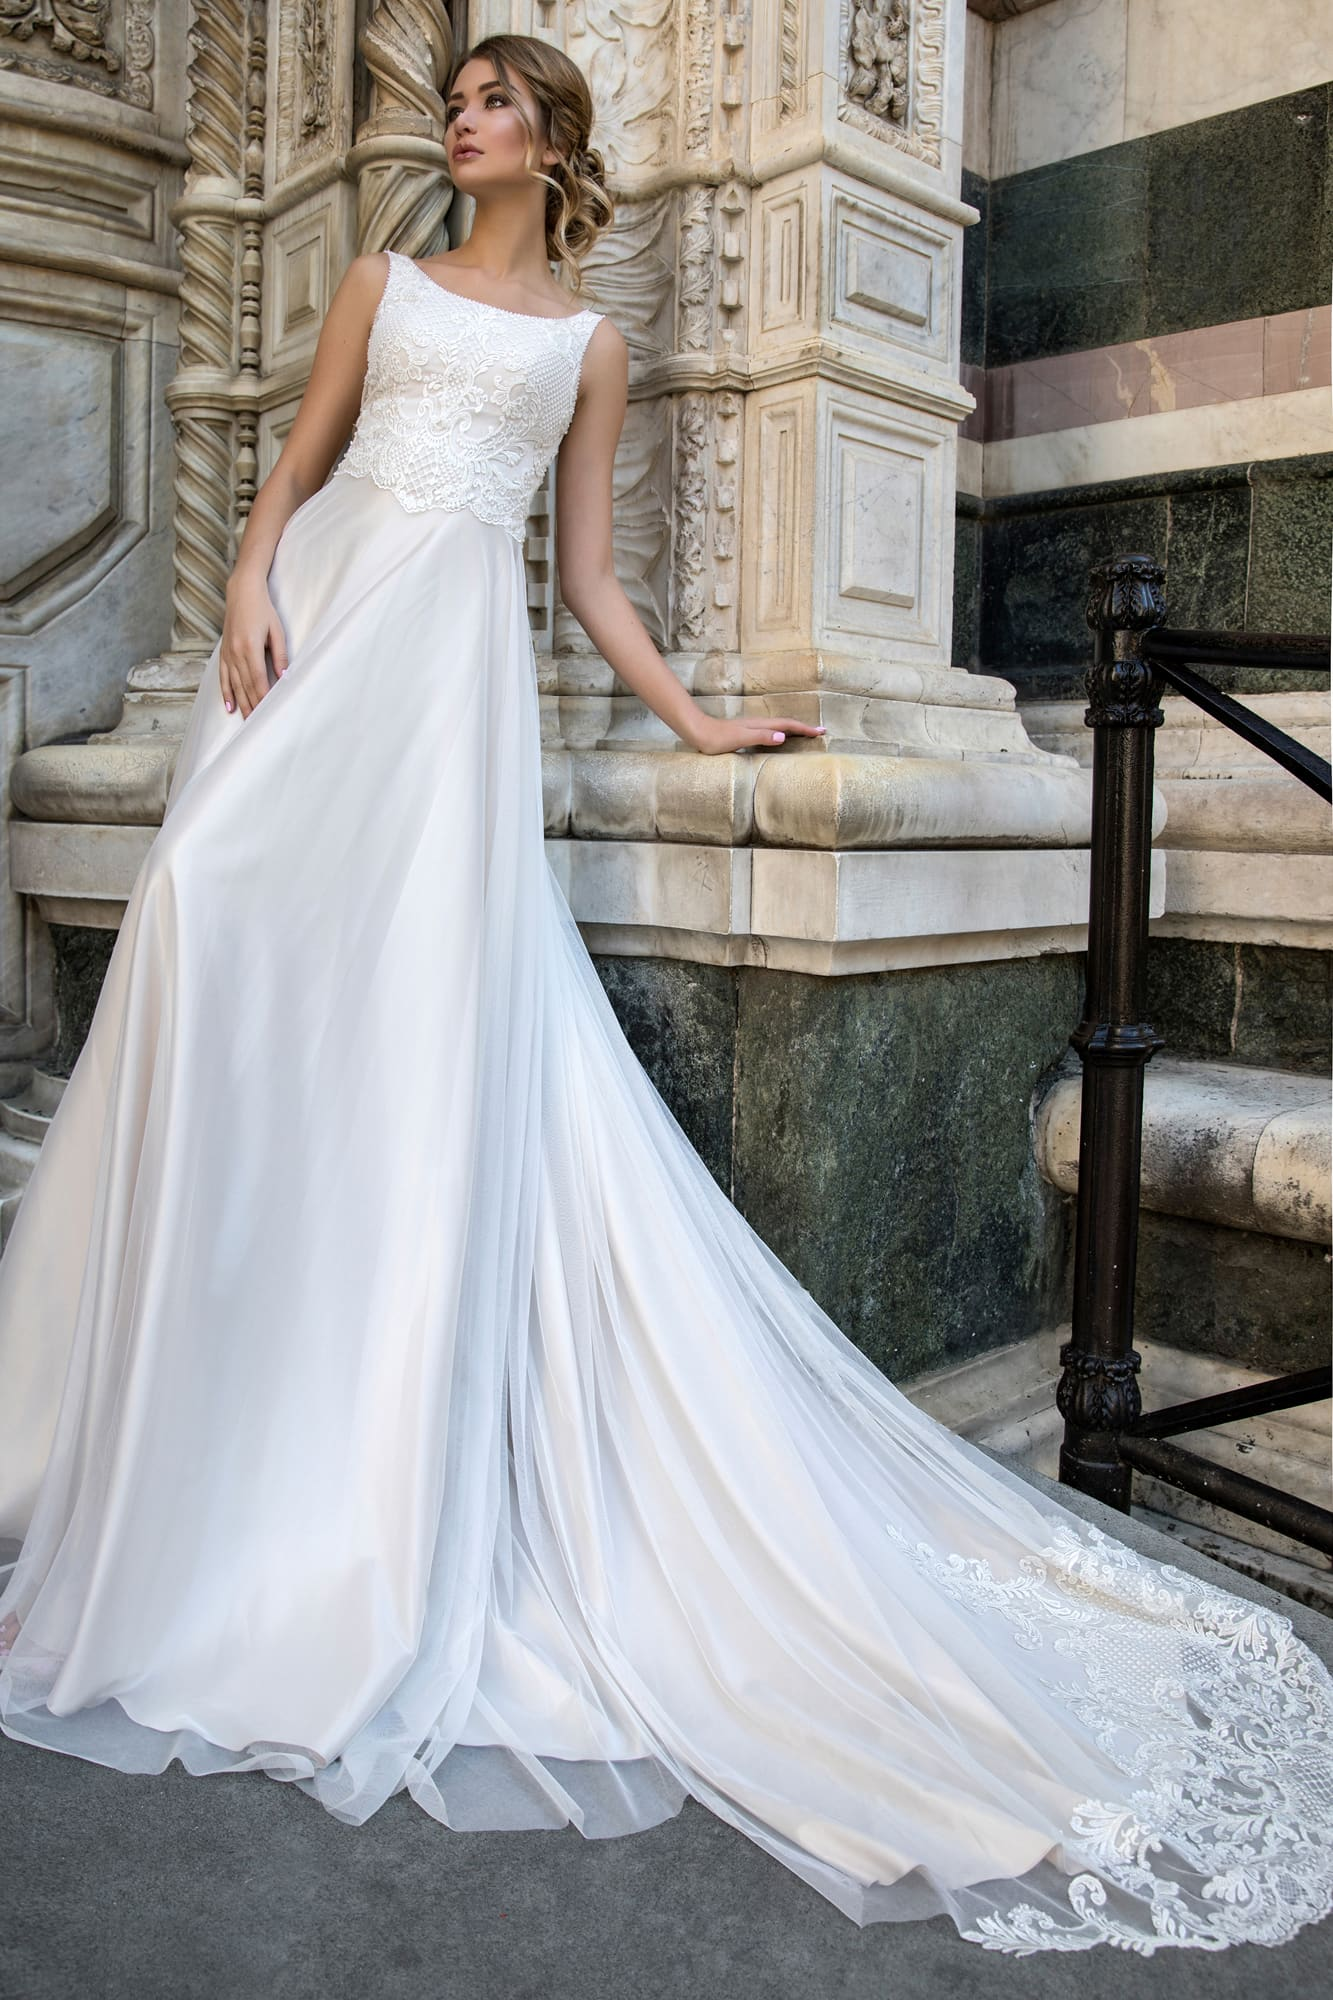 Лаконичное свадебное платье с кружевным лифом и слегка завышенной талией.